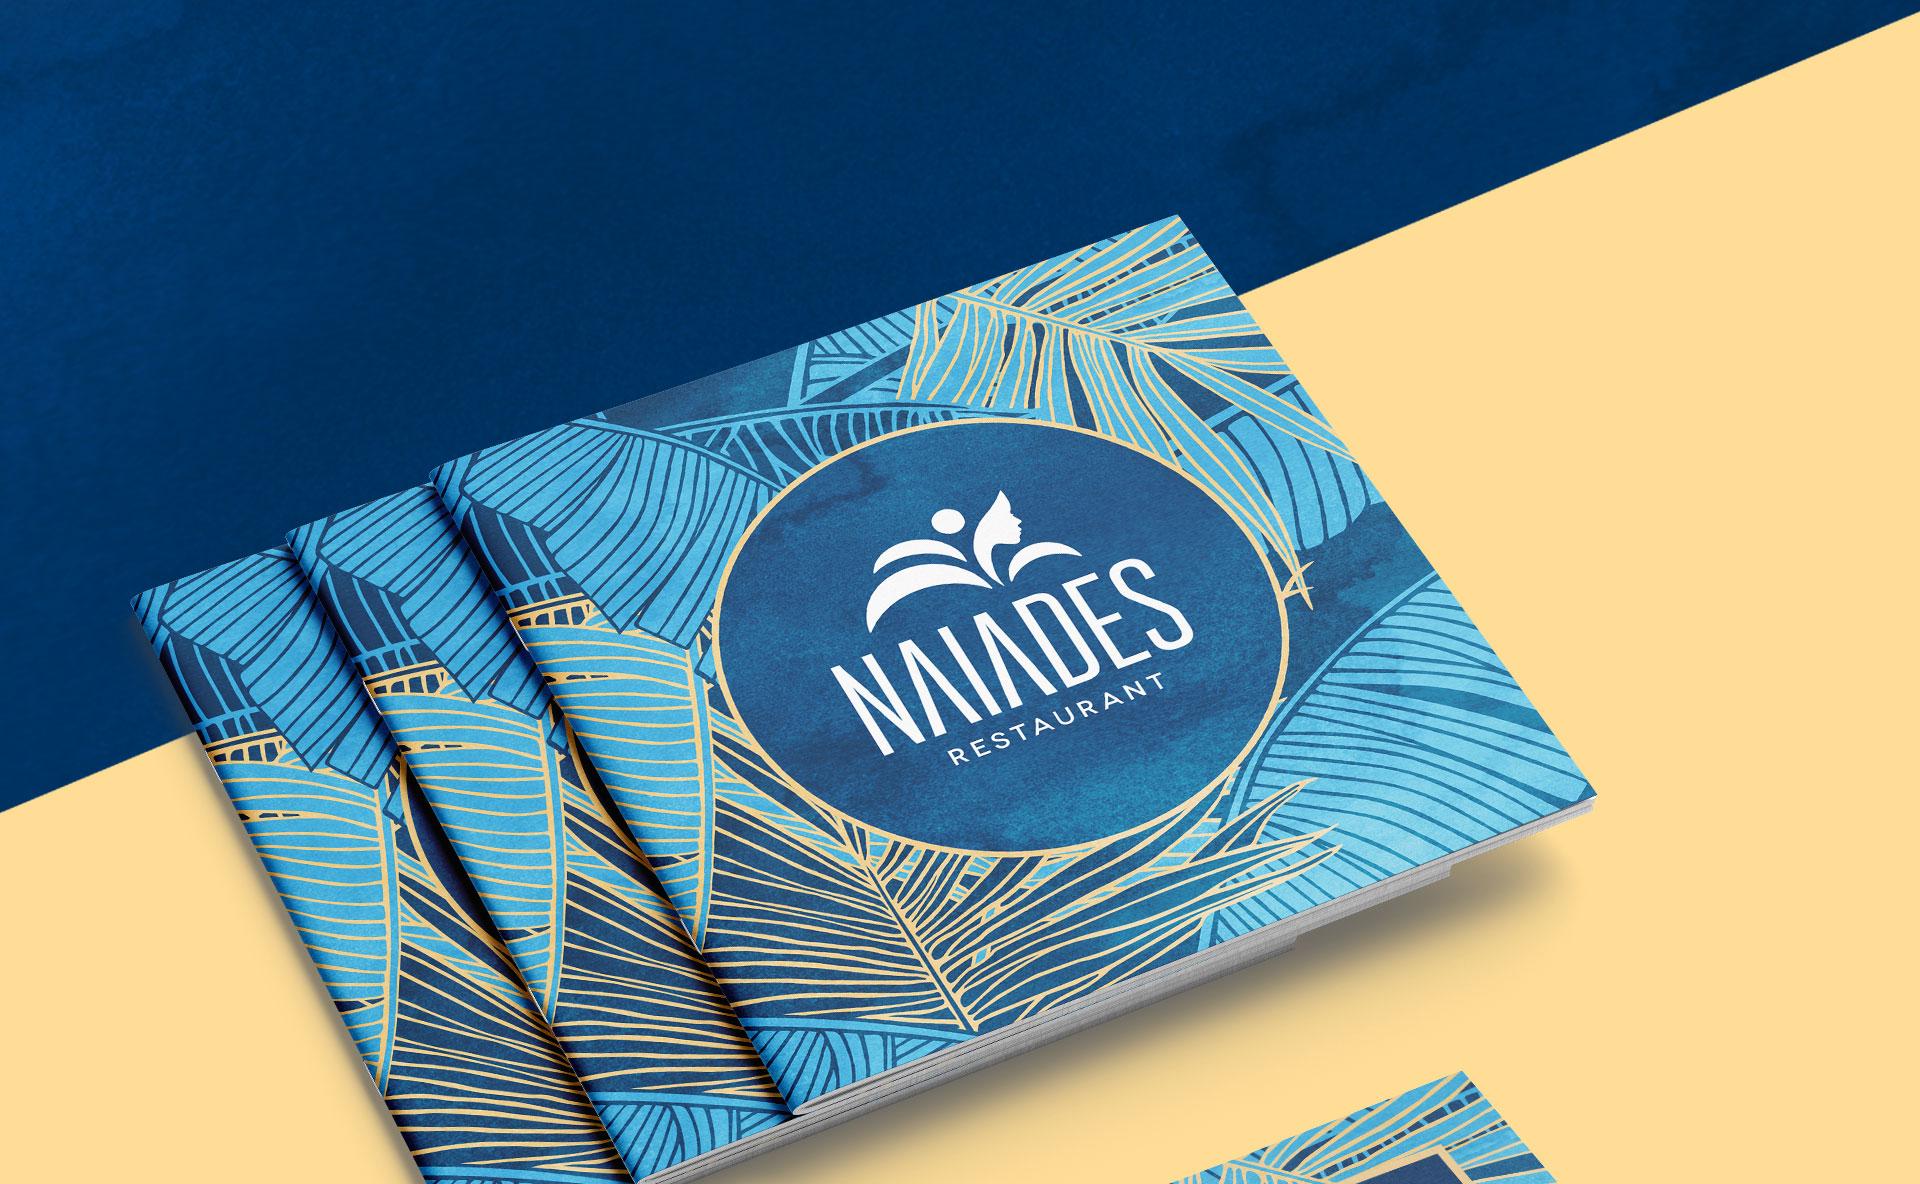 ostras-naiades-brochure1-zerouno-design